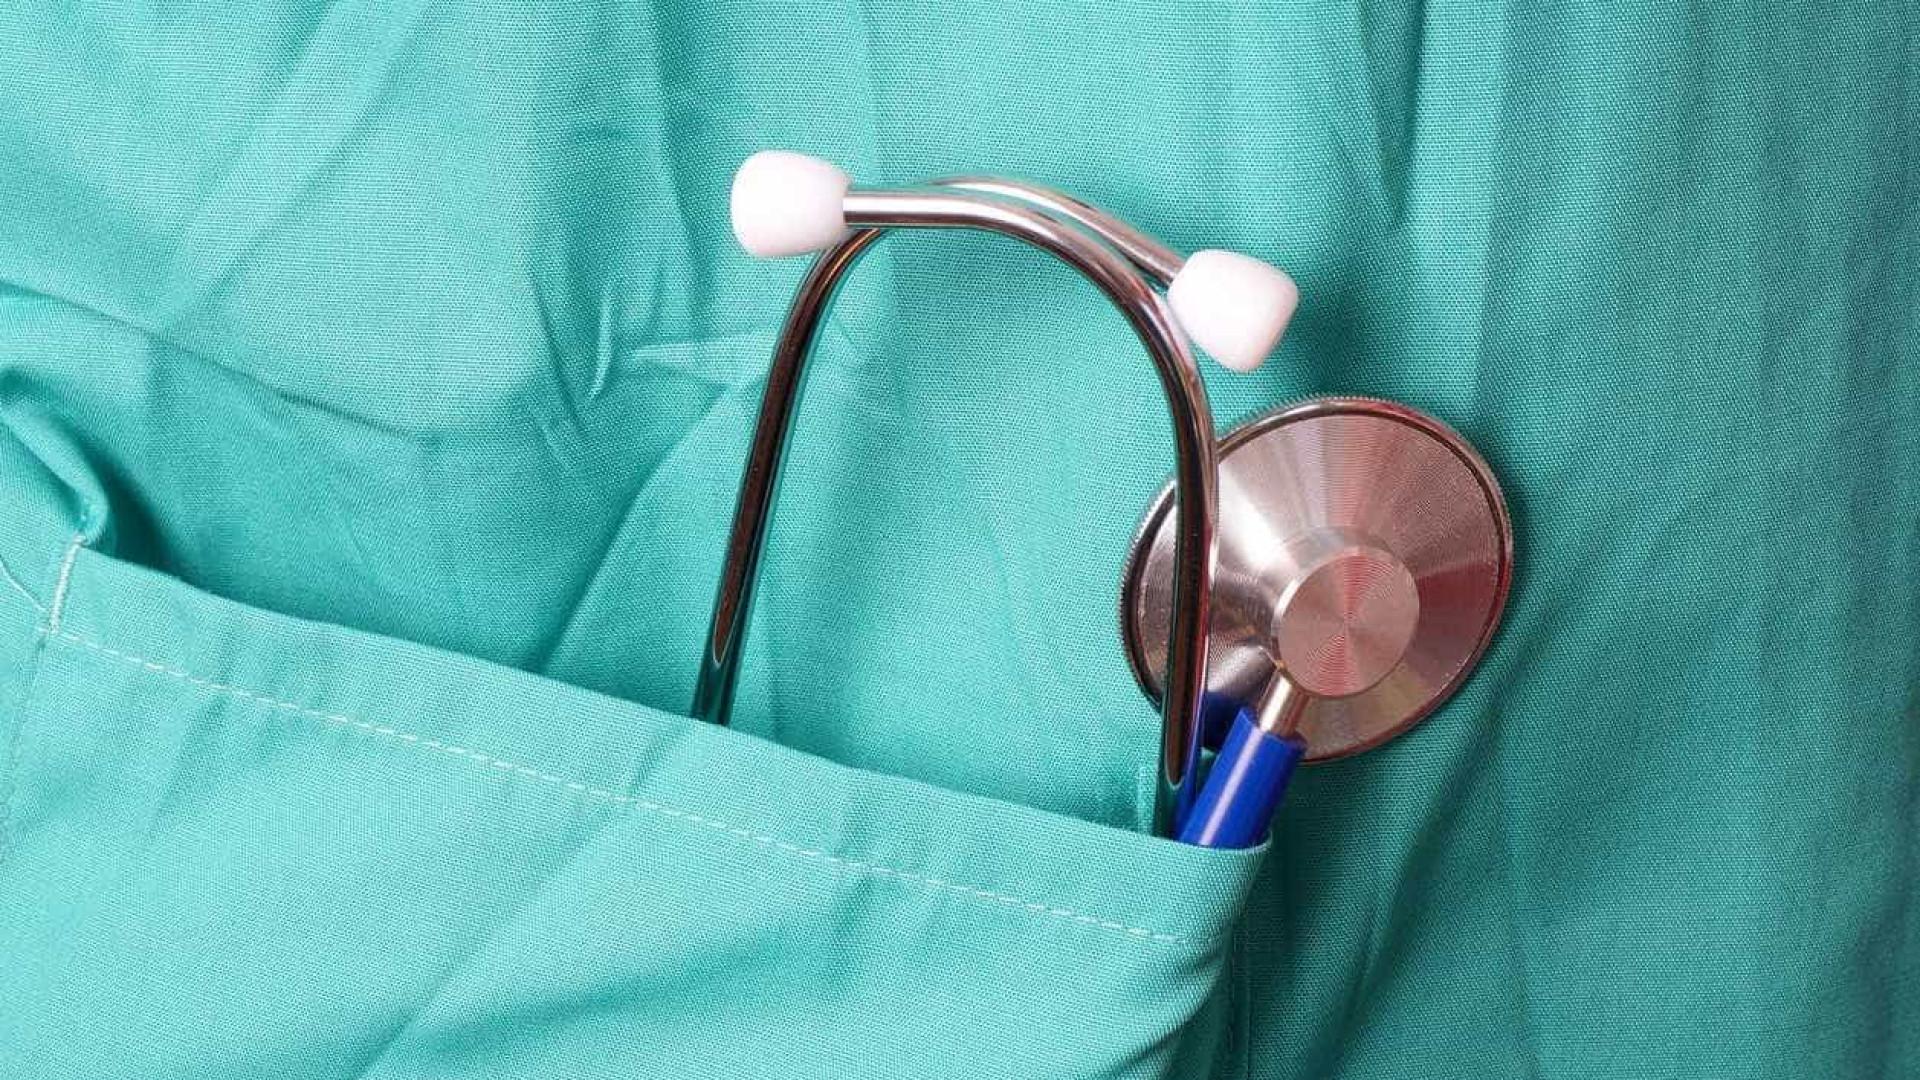 Concurso de médicos recém-especialistas publicado na próxima semana